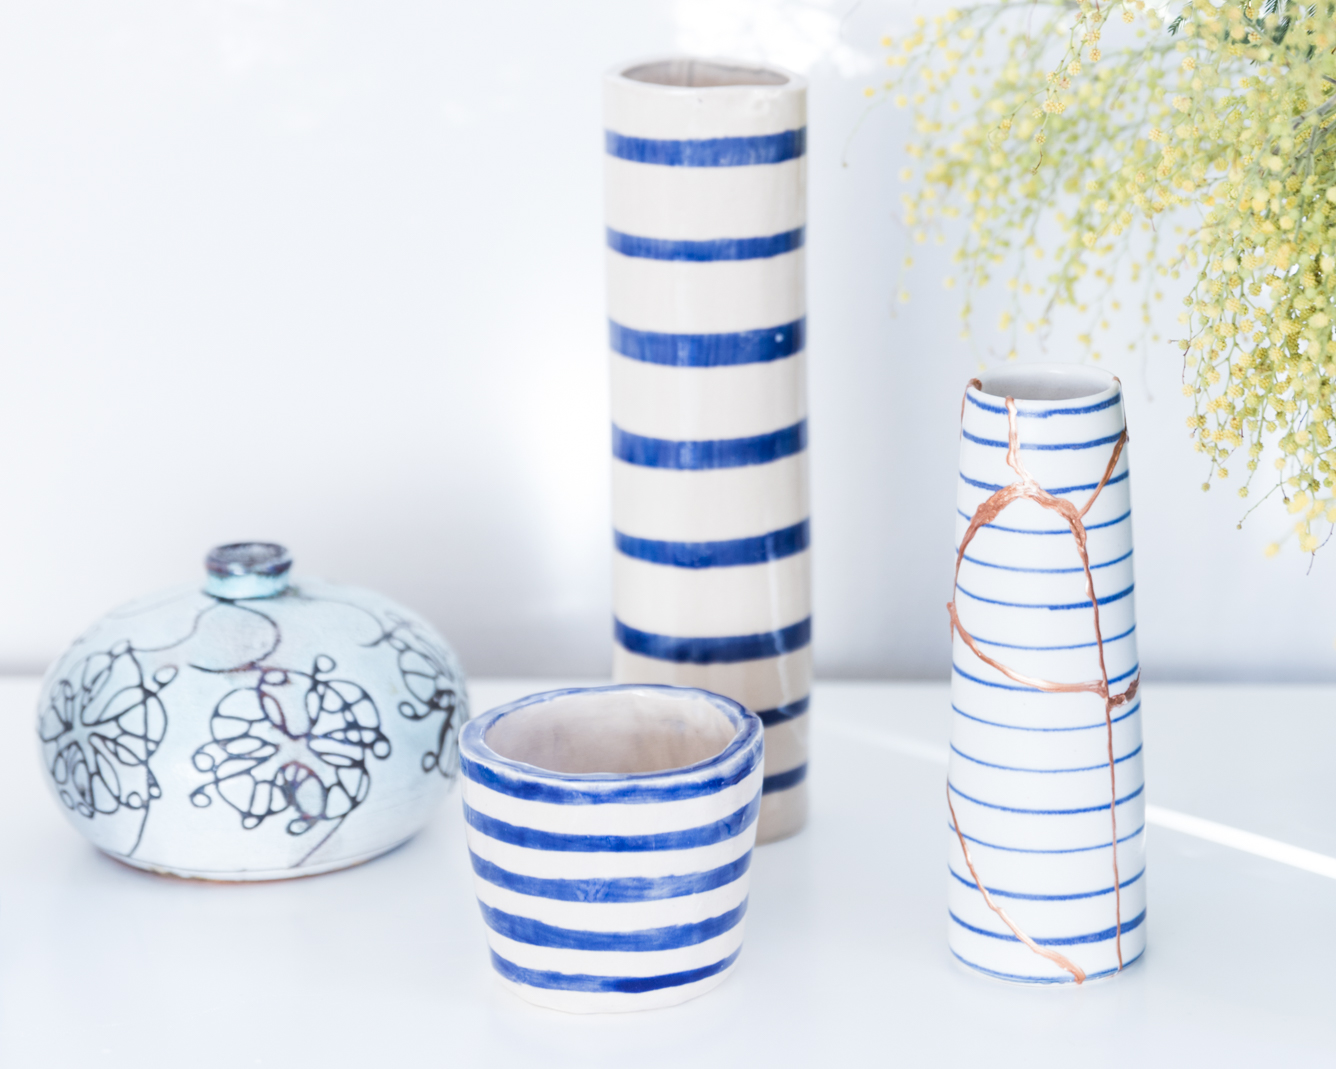 Reparieren statt wegwerfen - Zerbrochene Vase reparieren - Tweed & Greet